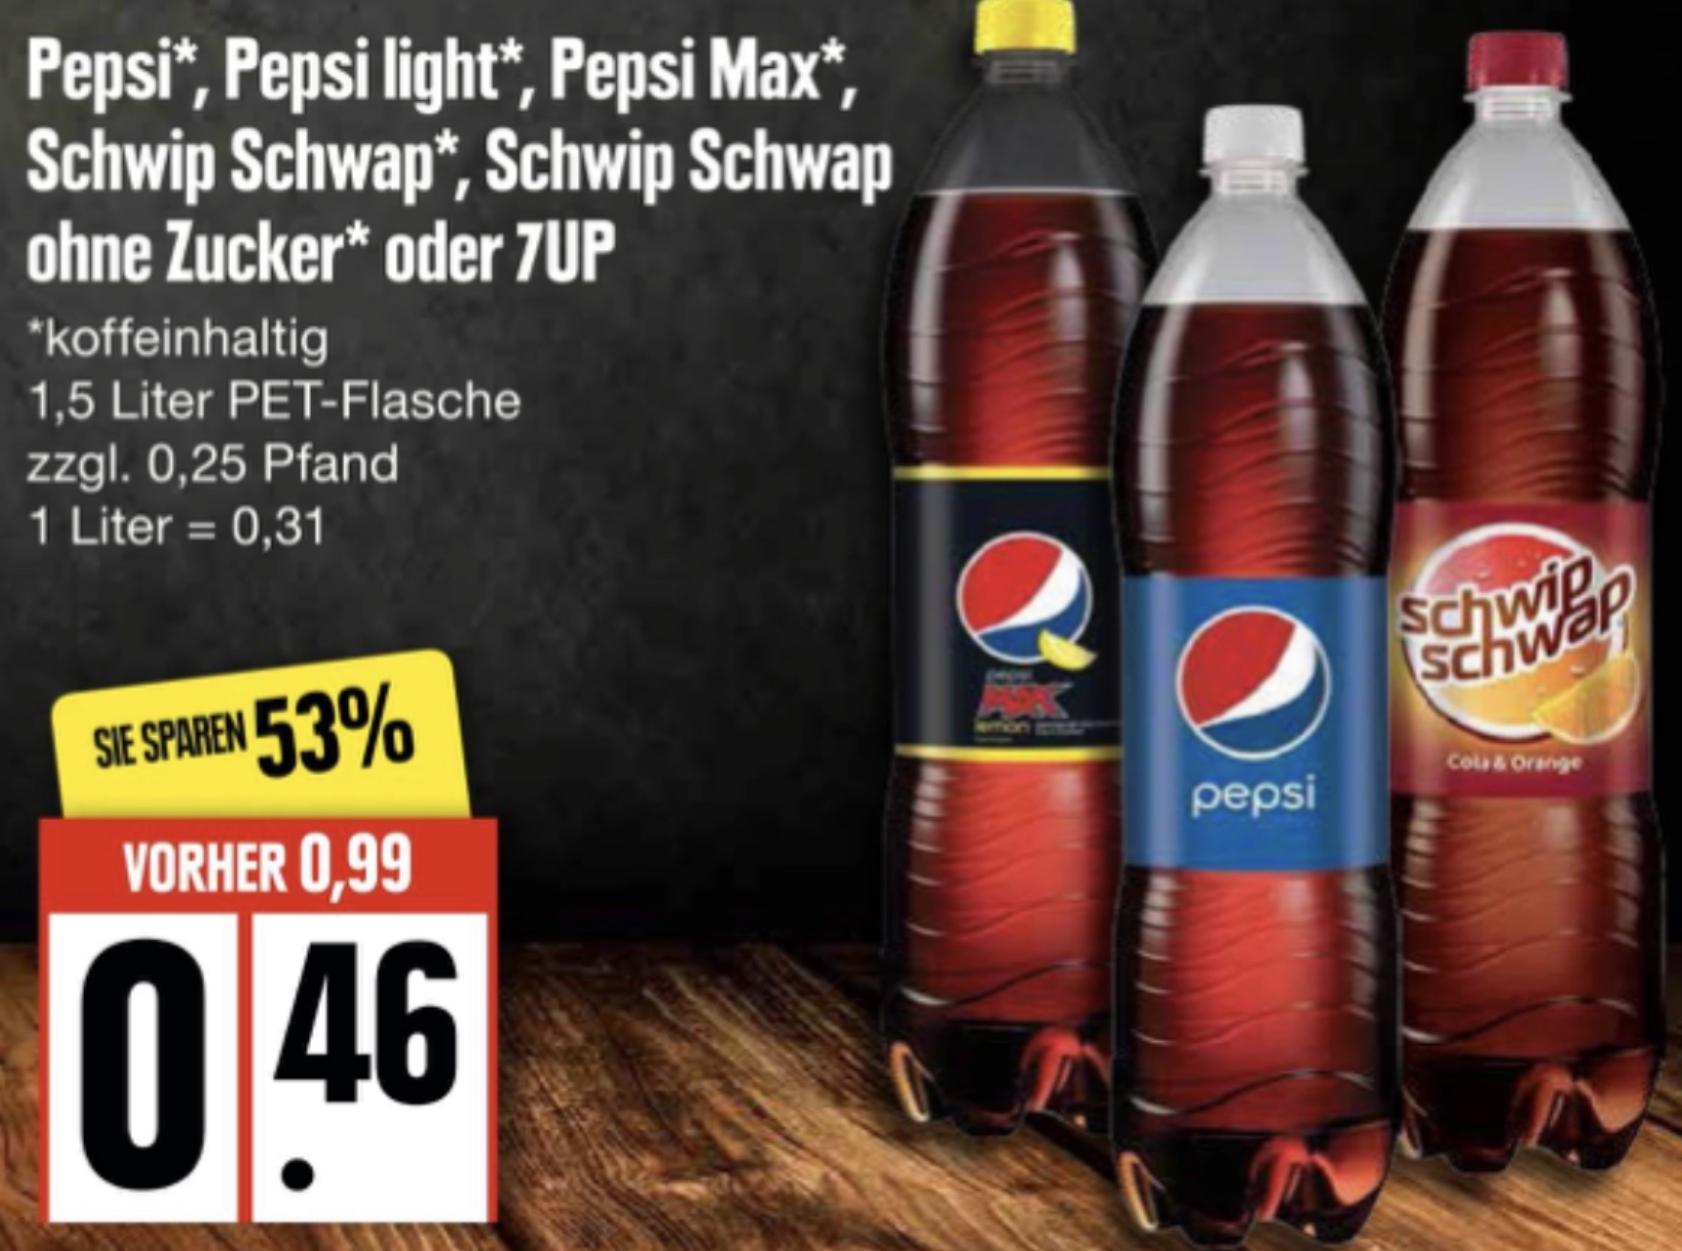 Pepsi, 7UP, Schwip Schwap je 1,5 Liter für 0,46€ / mit Rabatt 0,37€ bzw. 0,32€ je Flasche möglich!